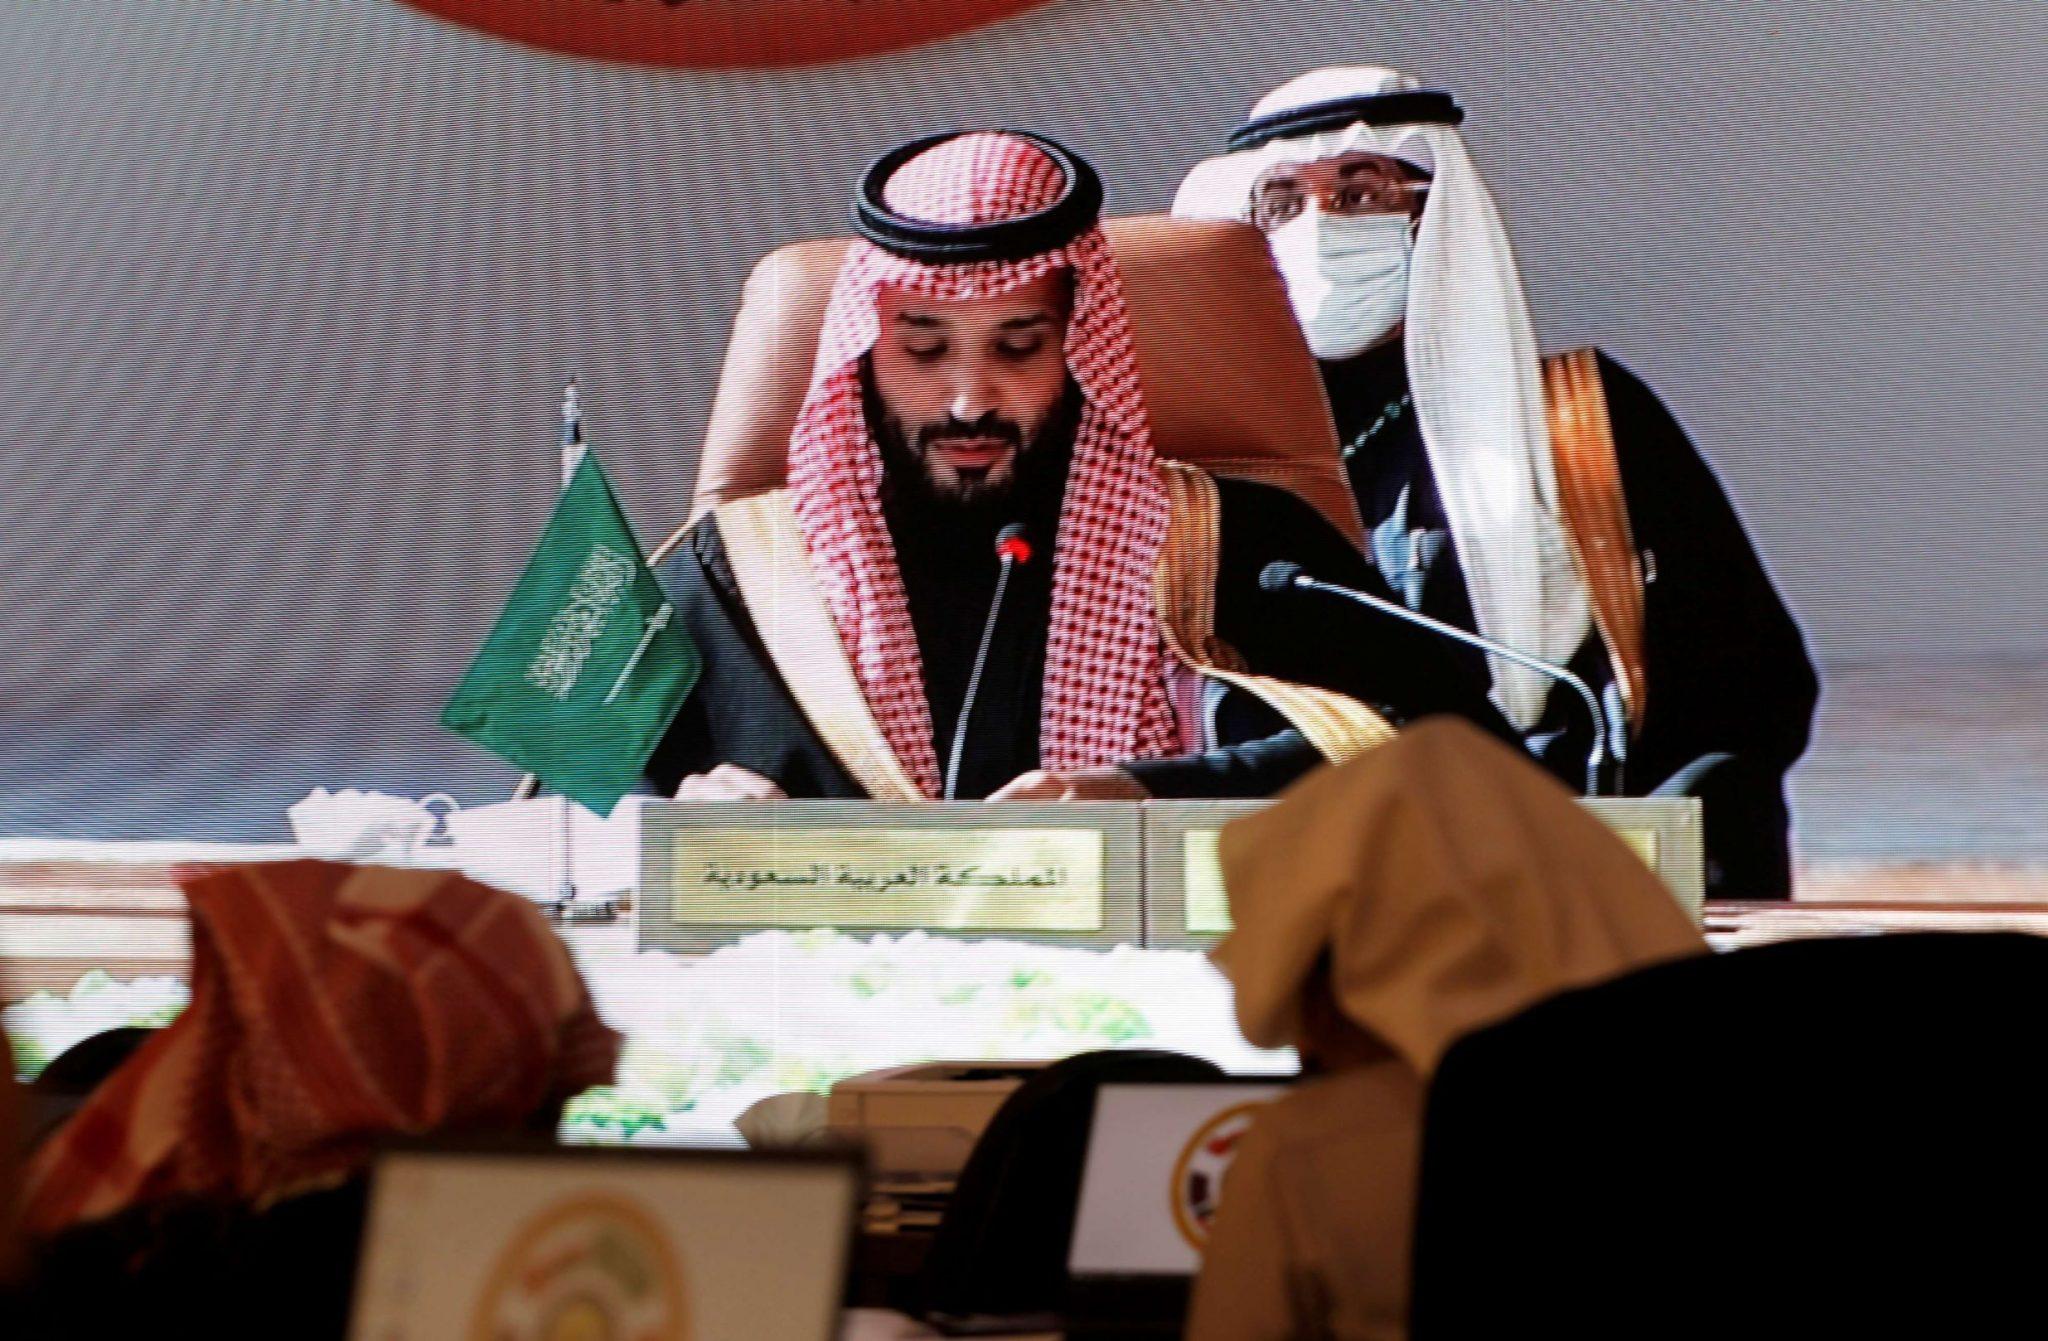 مجلس التعاون الخليجي يقر المصالحة الخليجية 2021 في بيان قمة العلا بالسعودية | تفاصيل